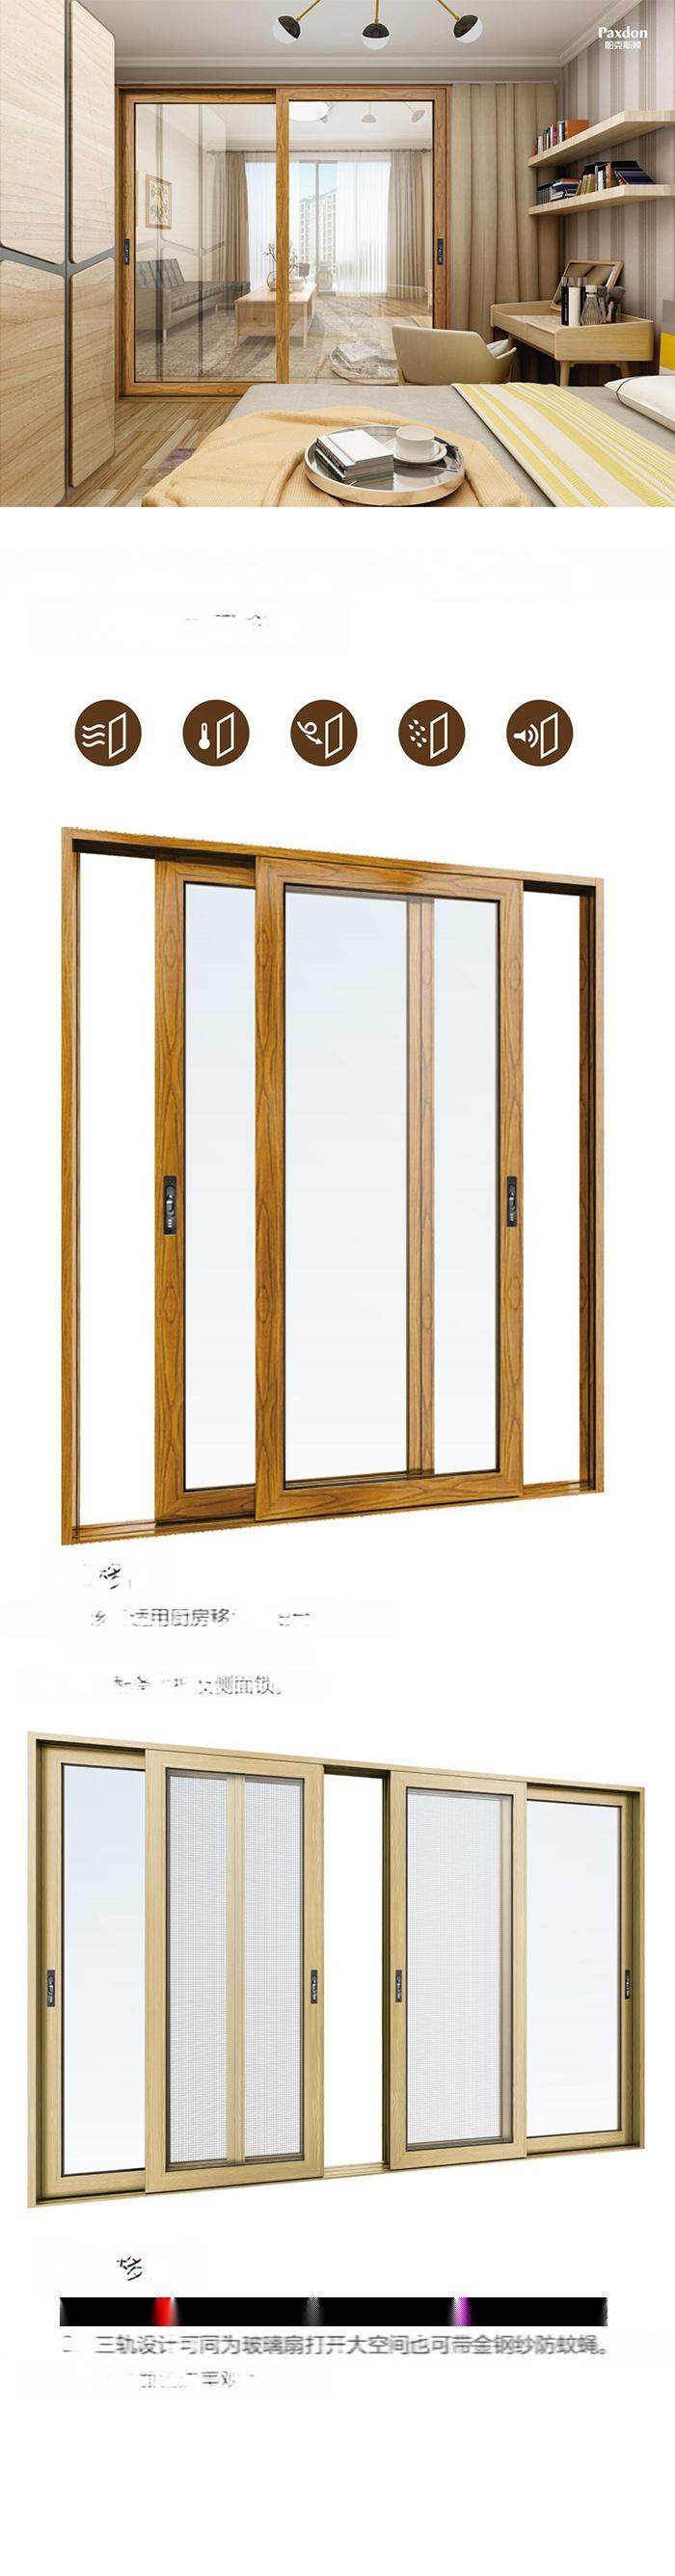 135室内移门兴发铝业帕克斯顿门窗系统136225235